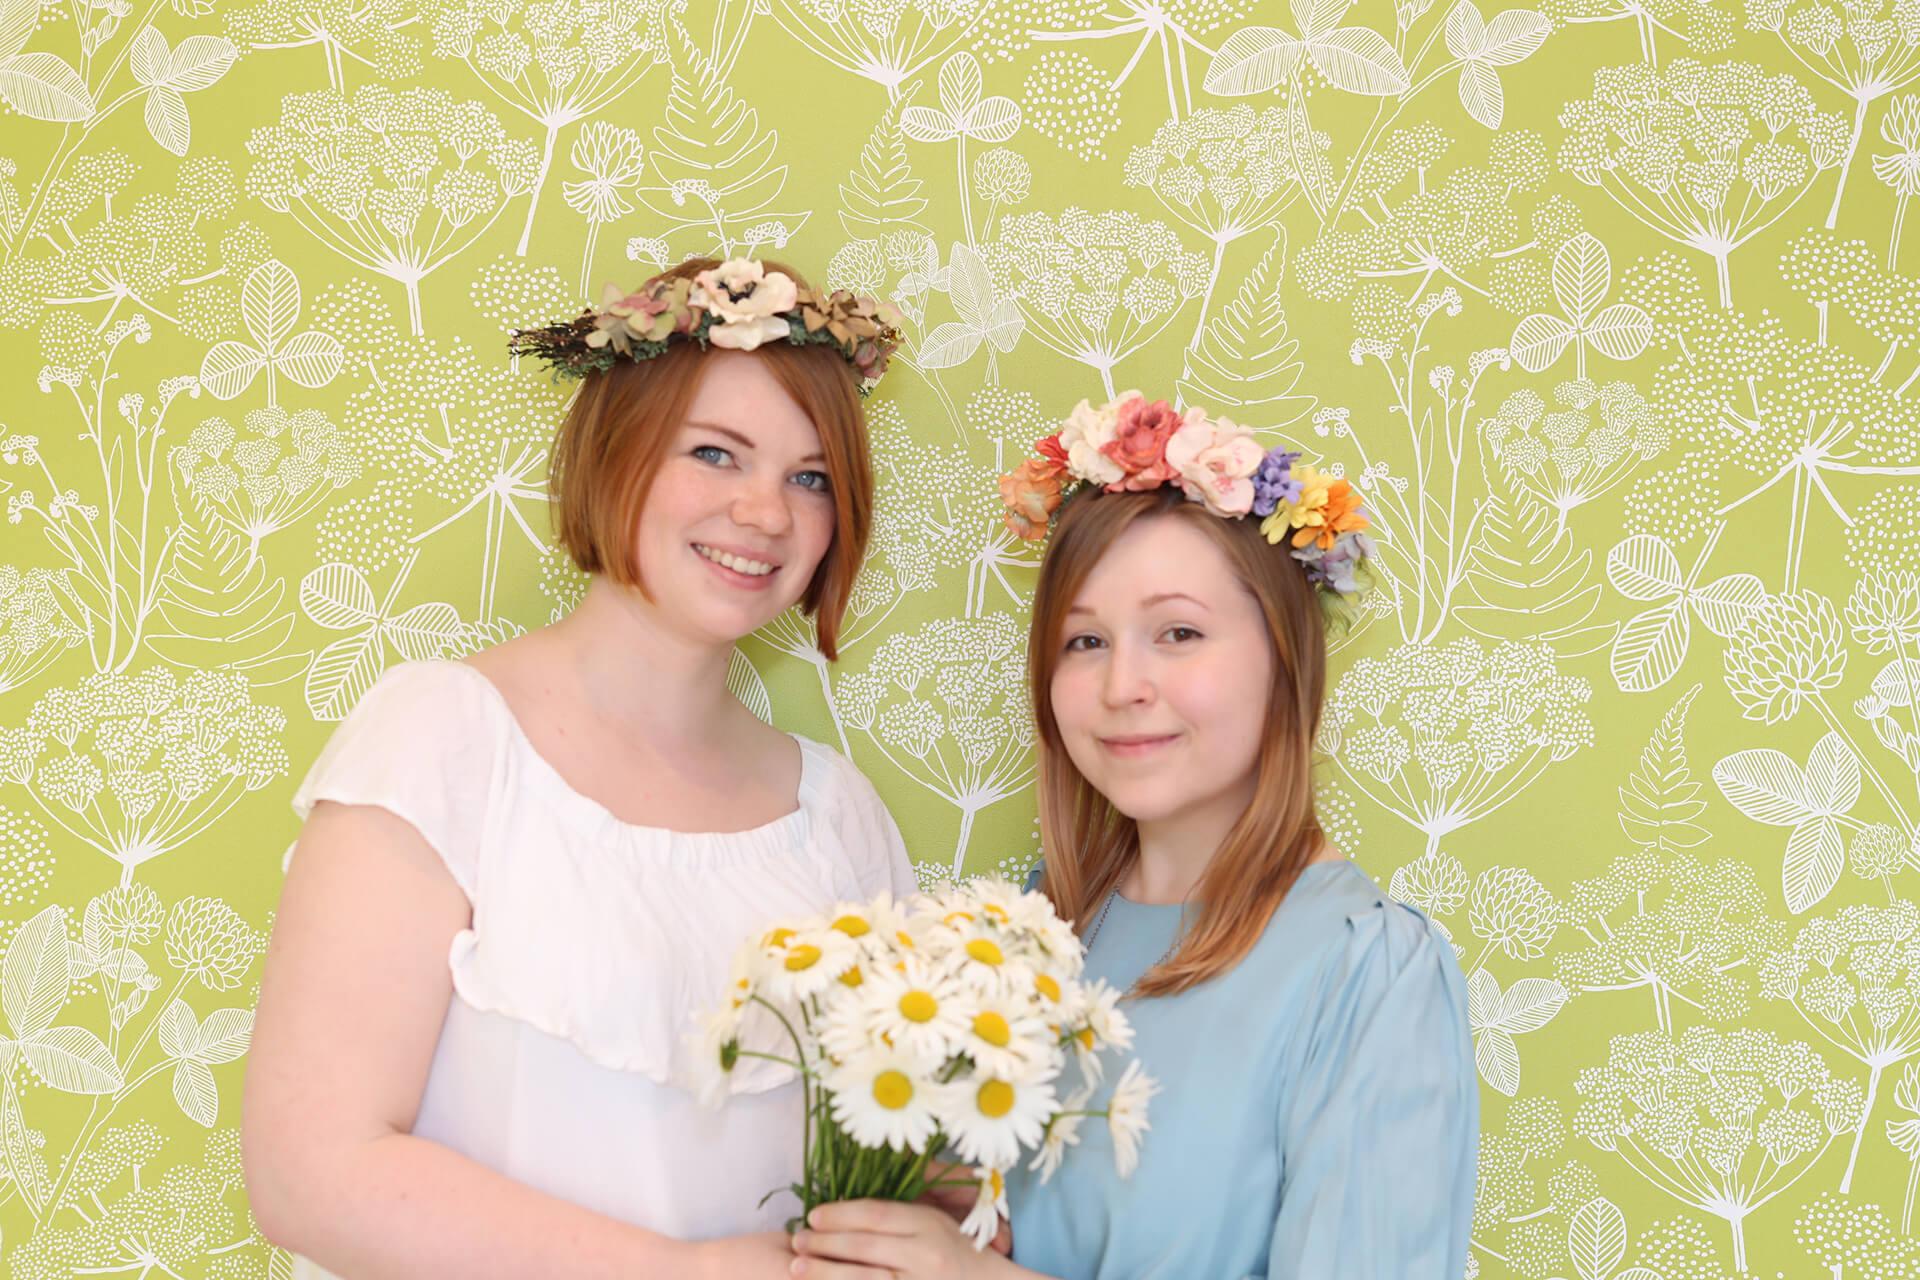 この写真は花冠づくりワークショップを楽しむ女性の様子です